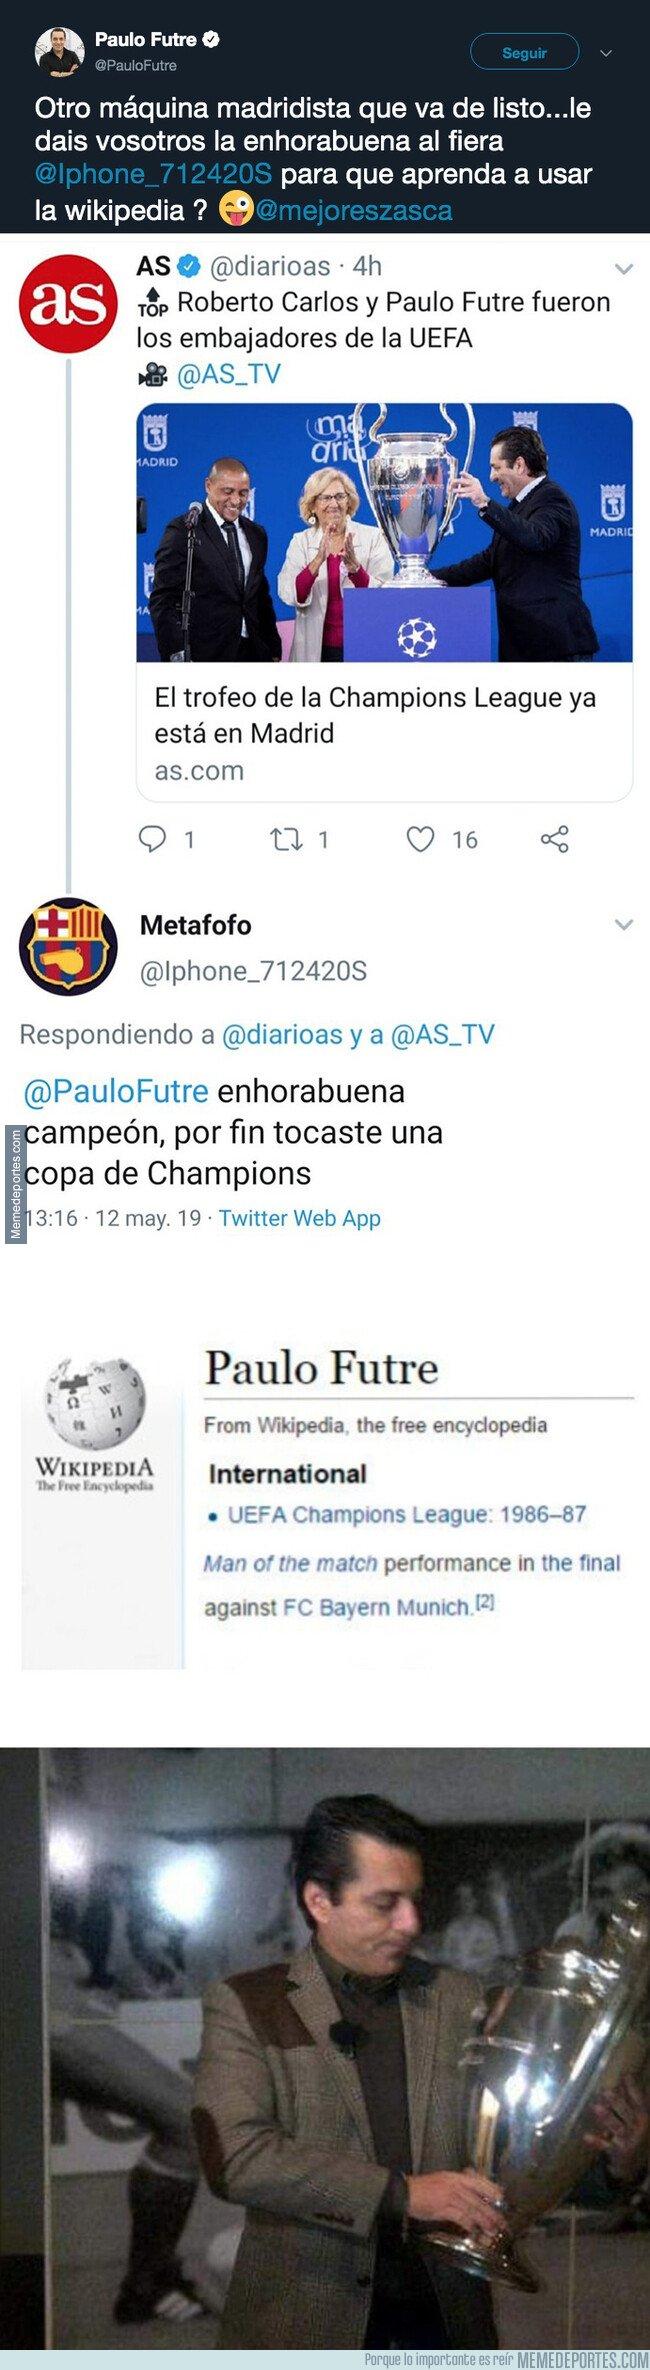 1074880 - Un madridista intenta pasarse de listo con Futre al decir que no ha tocado nunca una Champions y se lleva un gran revés